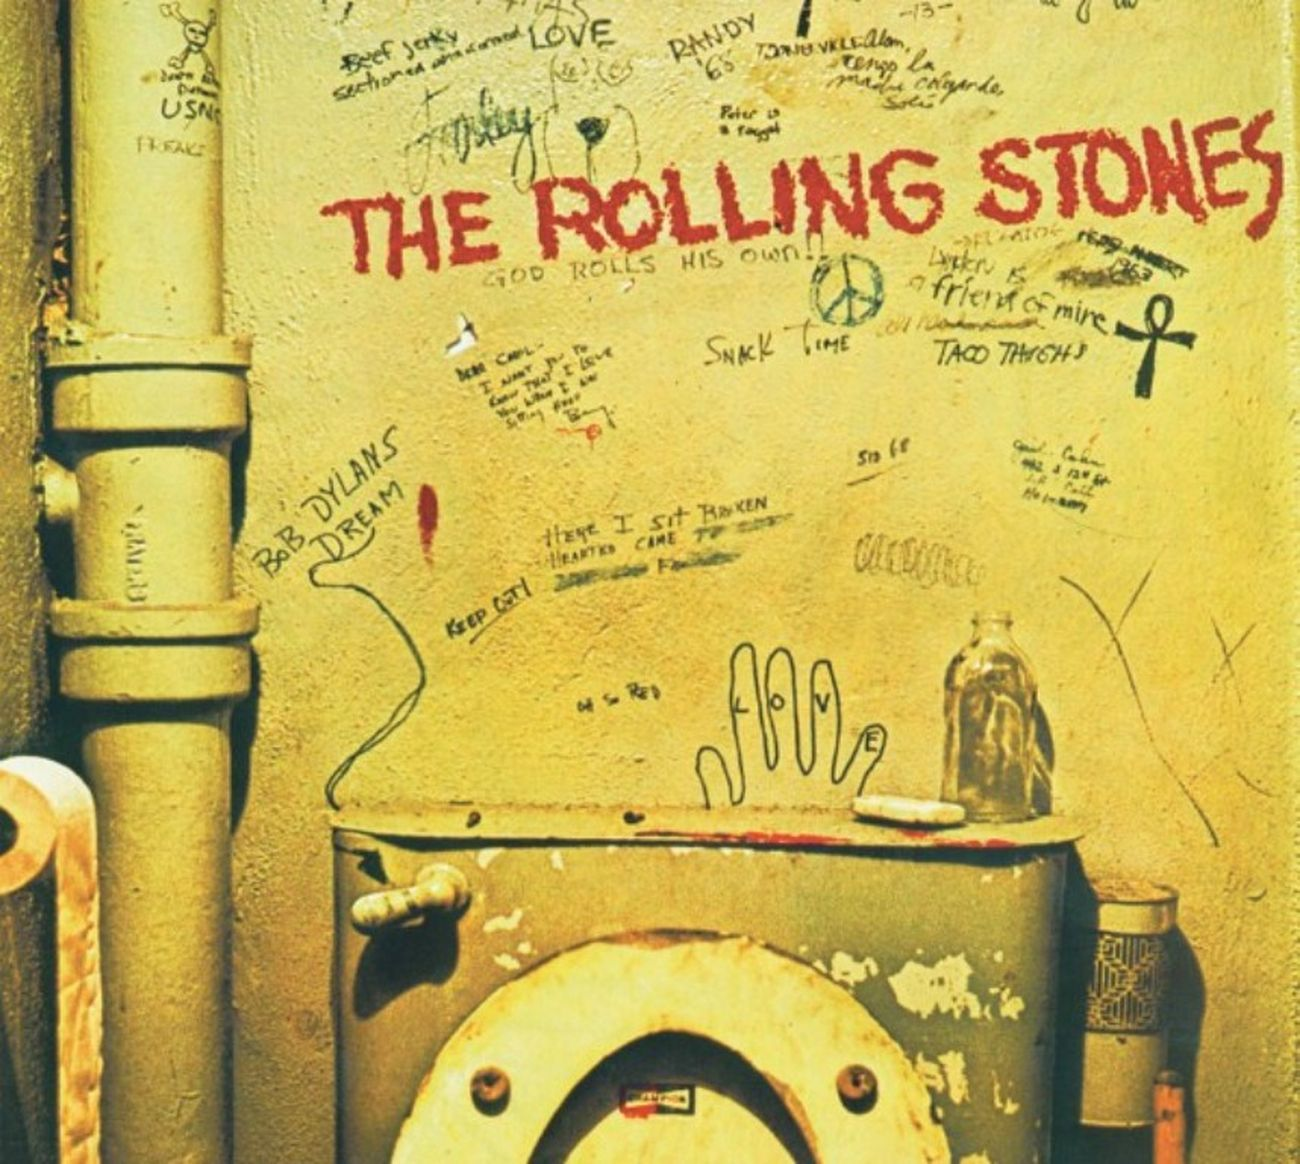 La copertina originale di Beggars Banquet dei Rolling Stones, censurata nel 1968